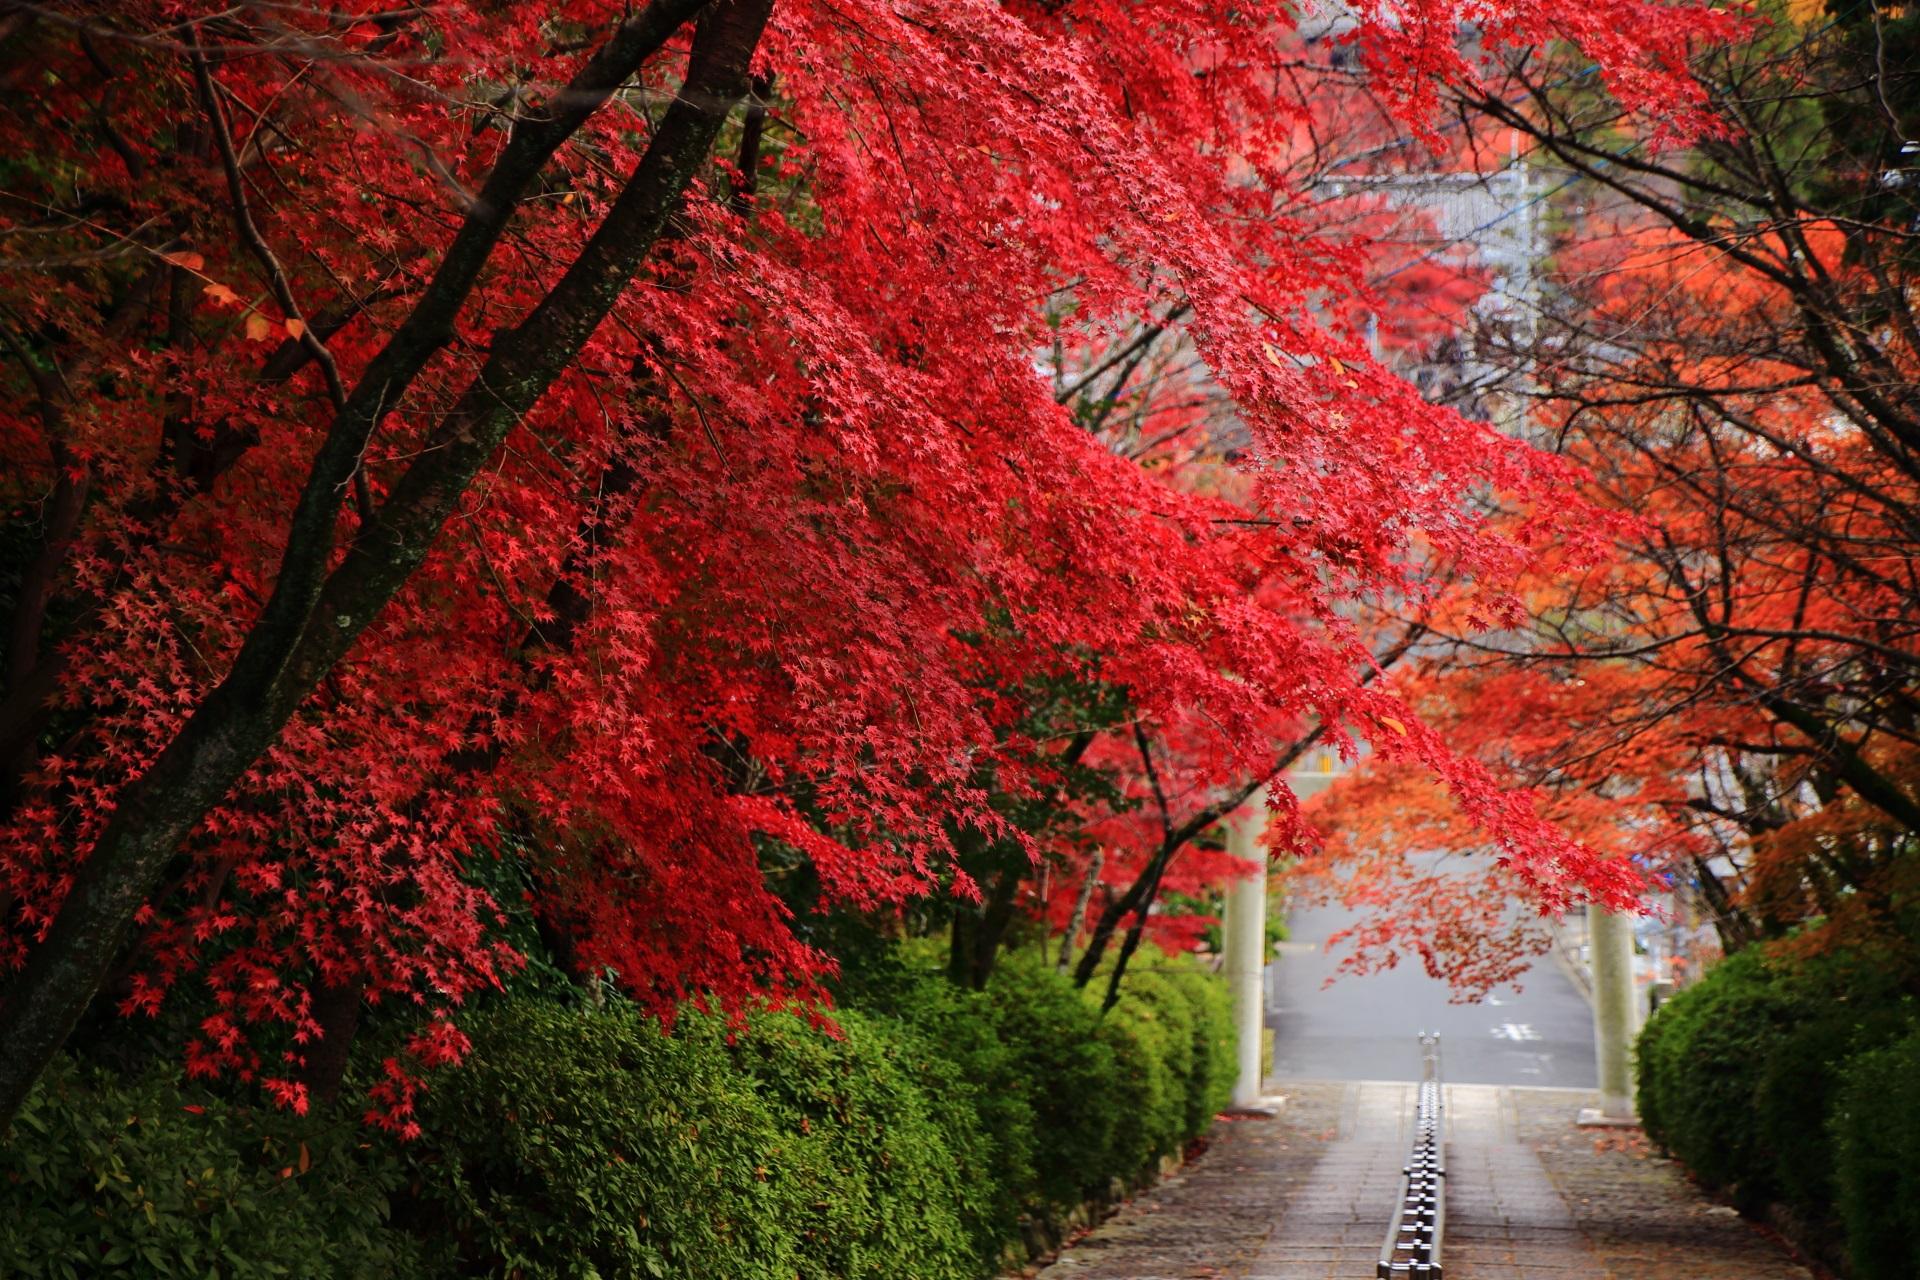 石段の上から眺めた鳥居と見事な色合いの紅葉